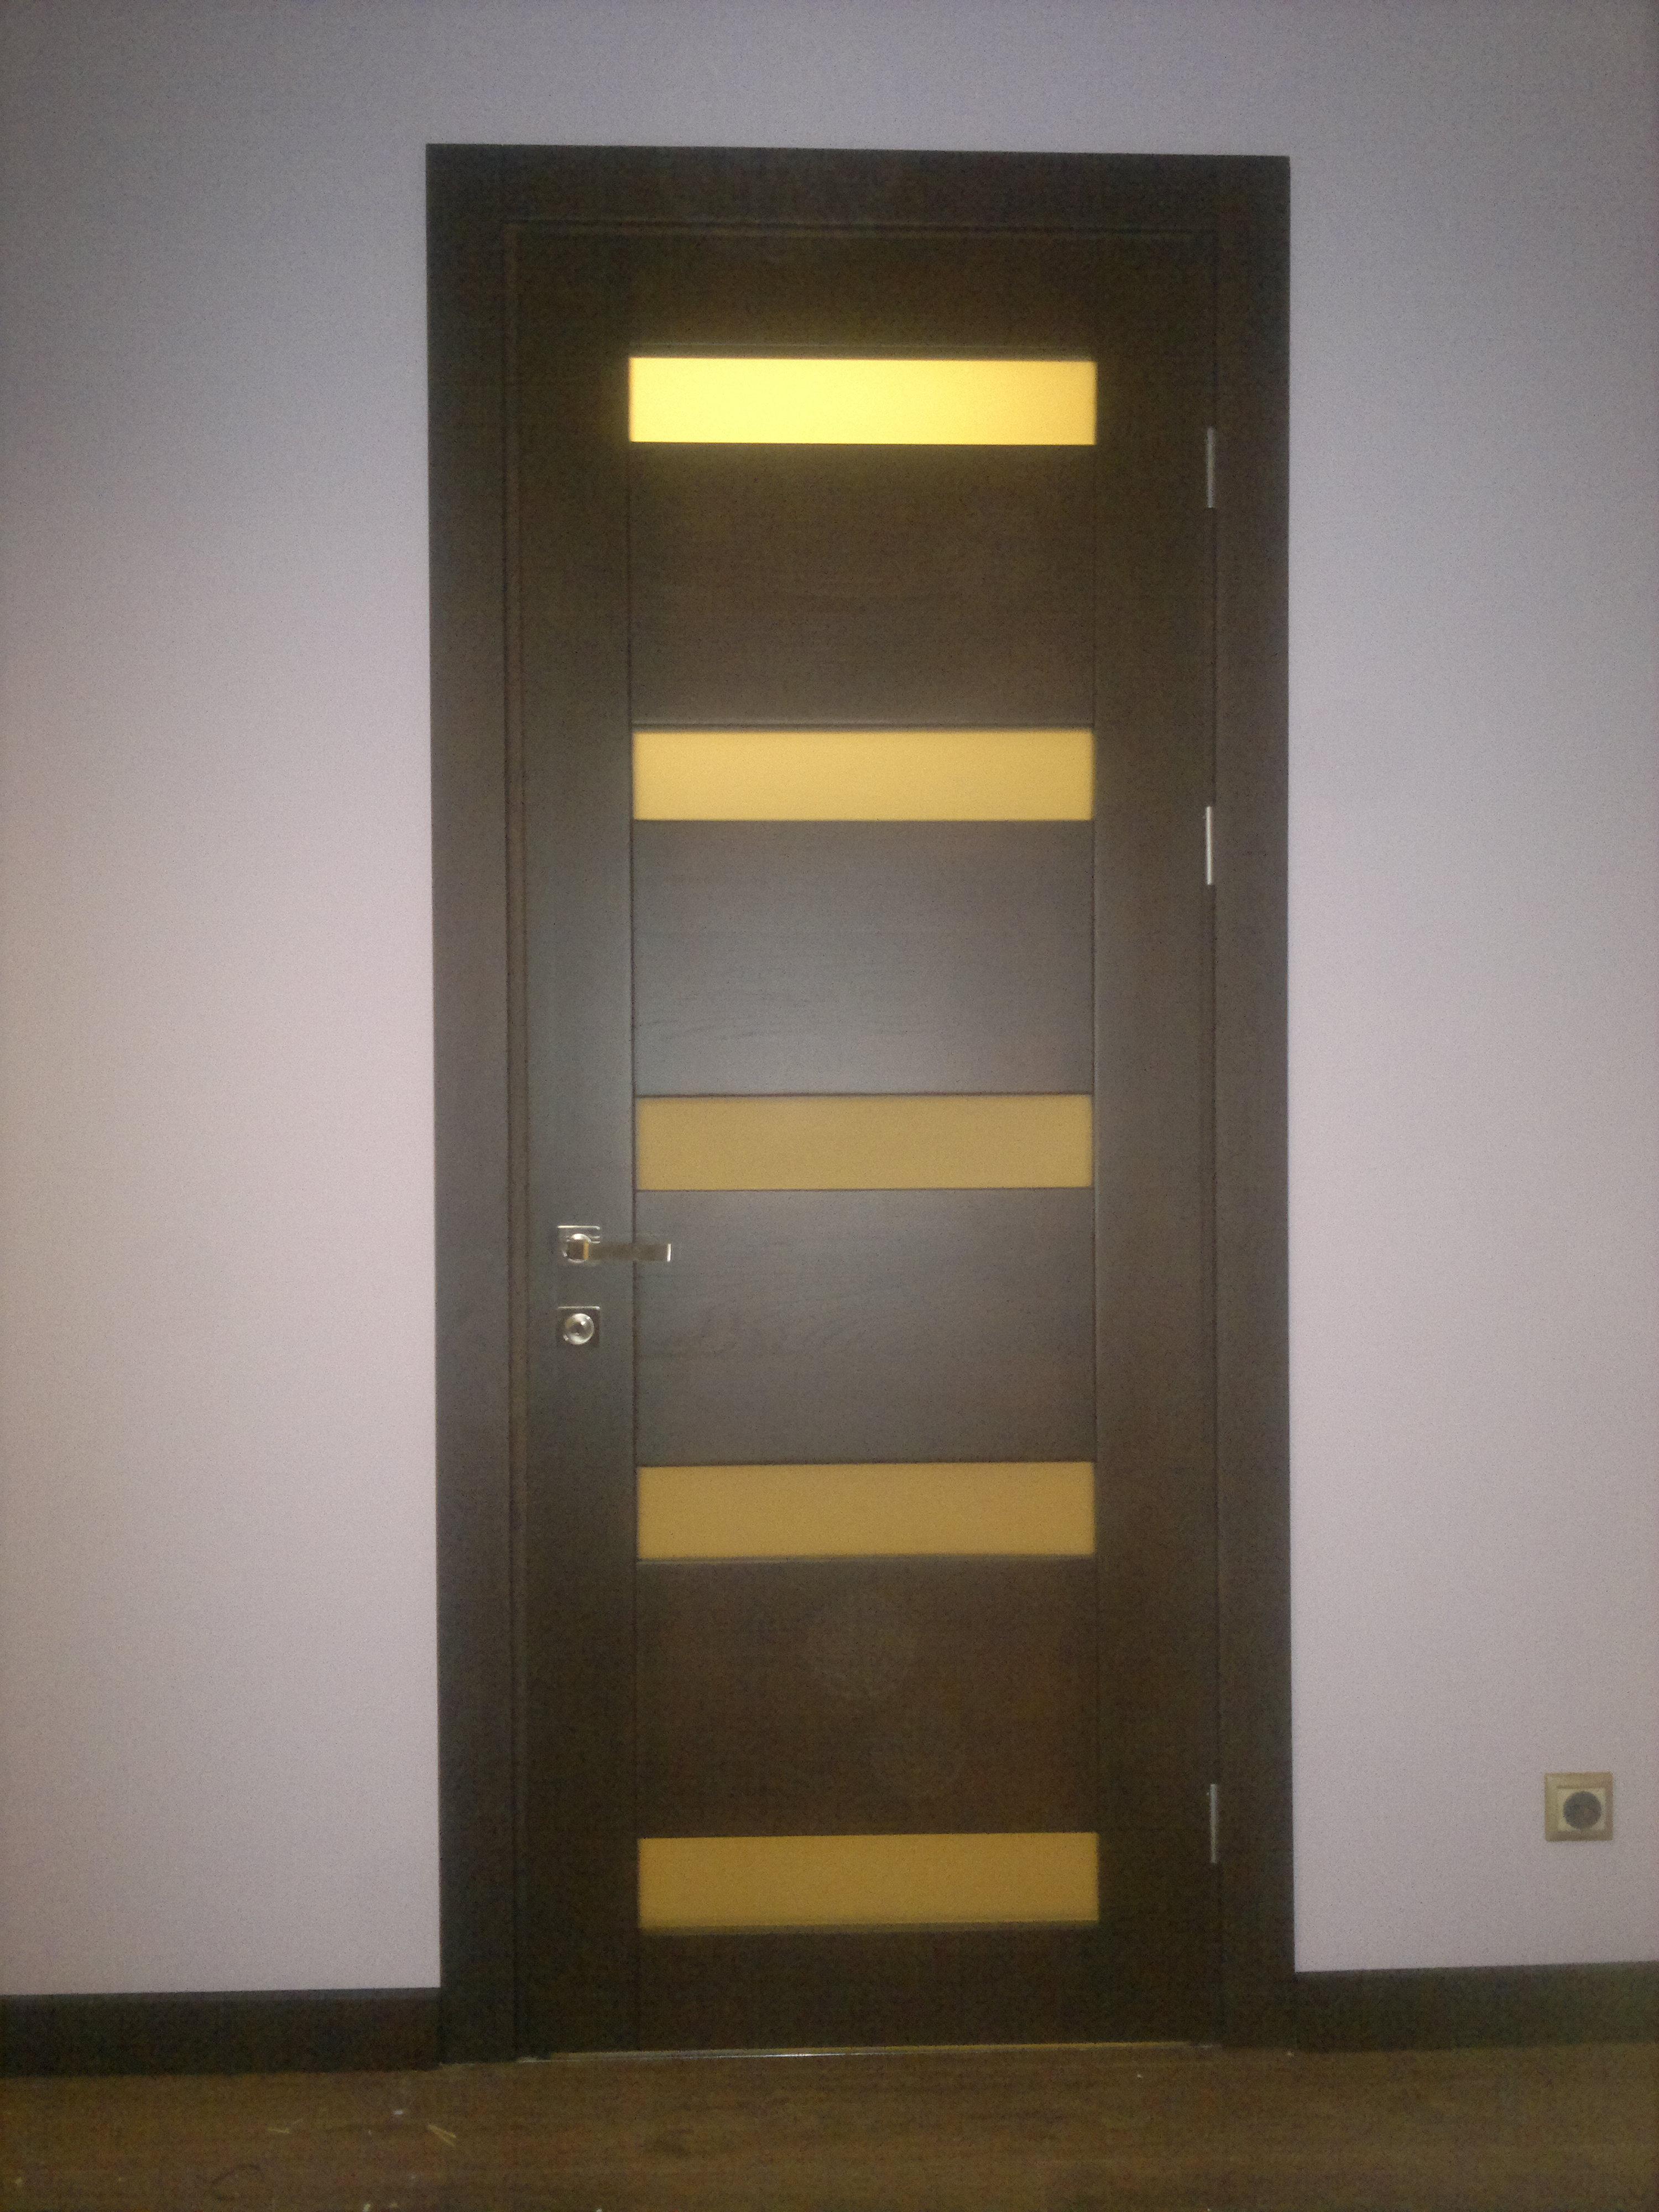 міжкімнатні деревяні двері 5 прямокутних віконця ціна купити